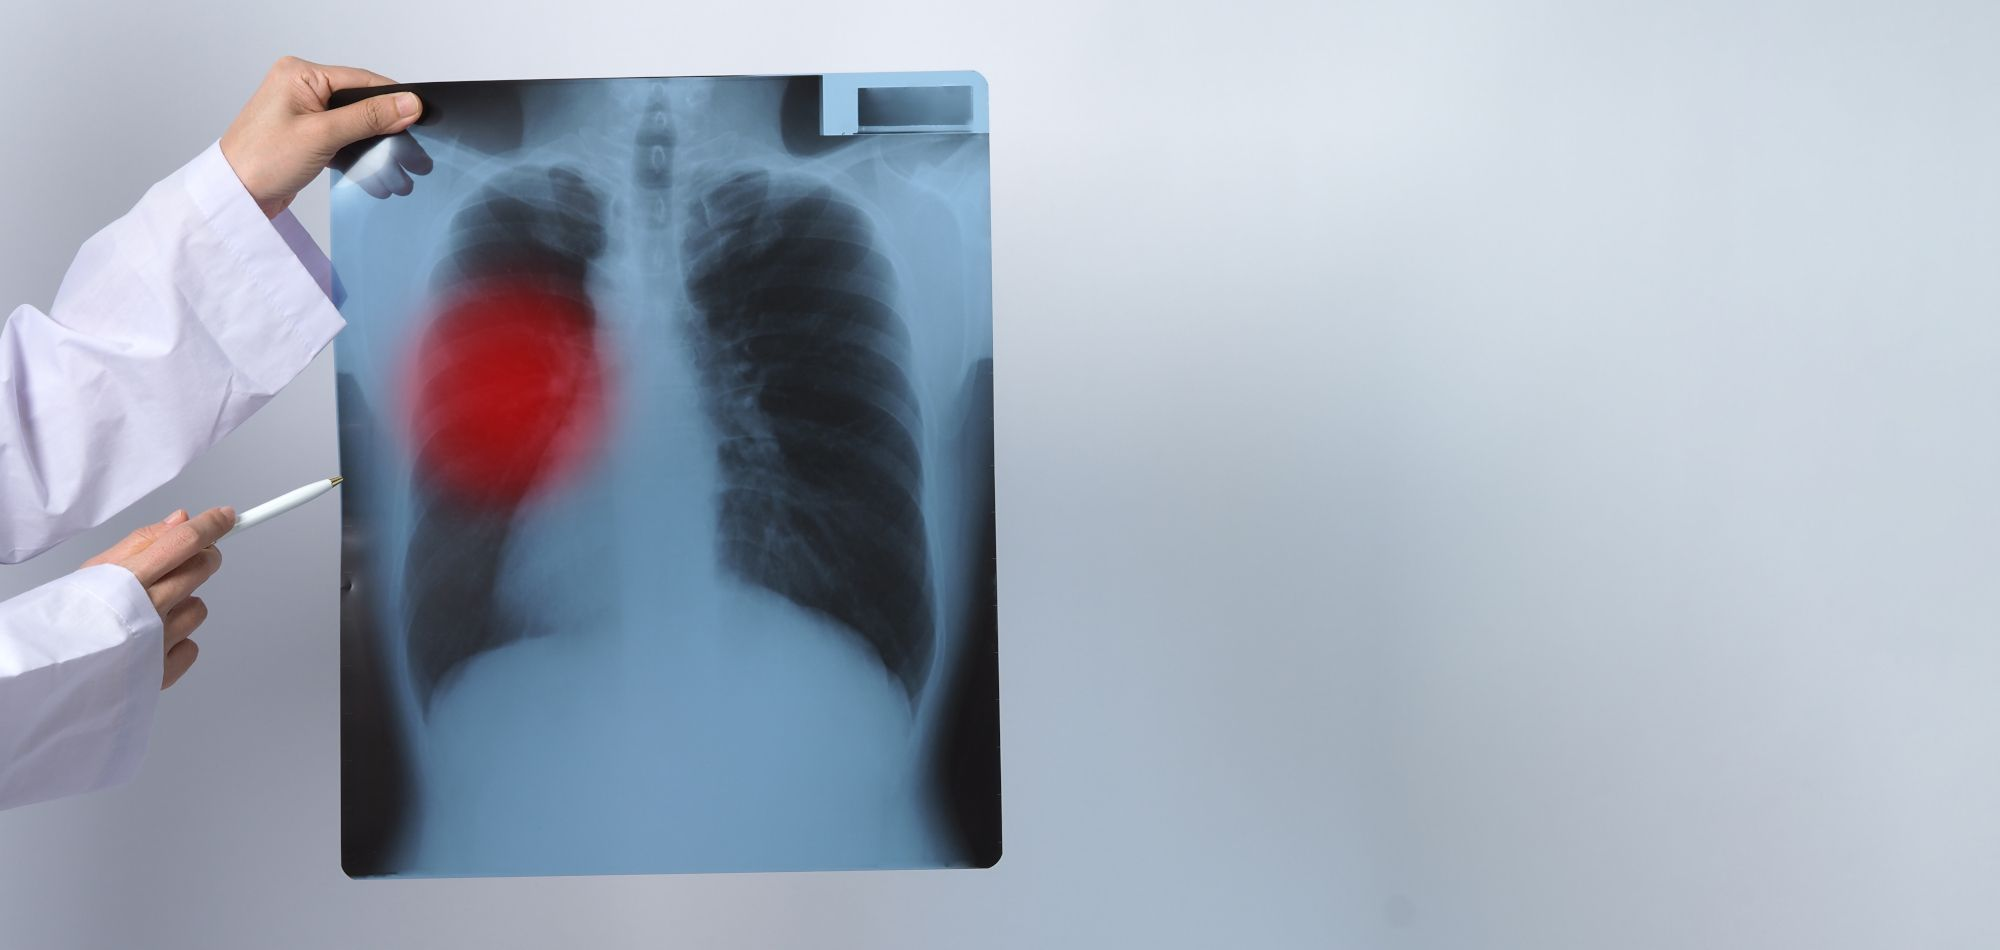 Keuhkojen röntgenkuva, jolla tuberkuloosikin todetaan